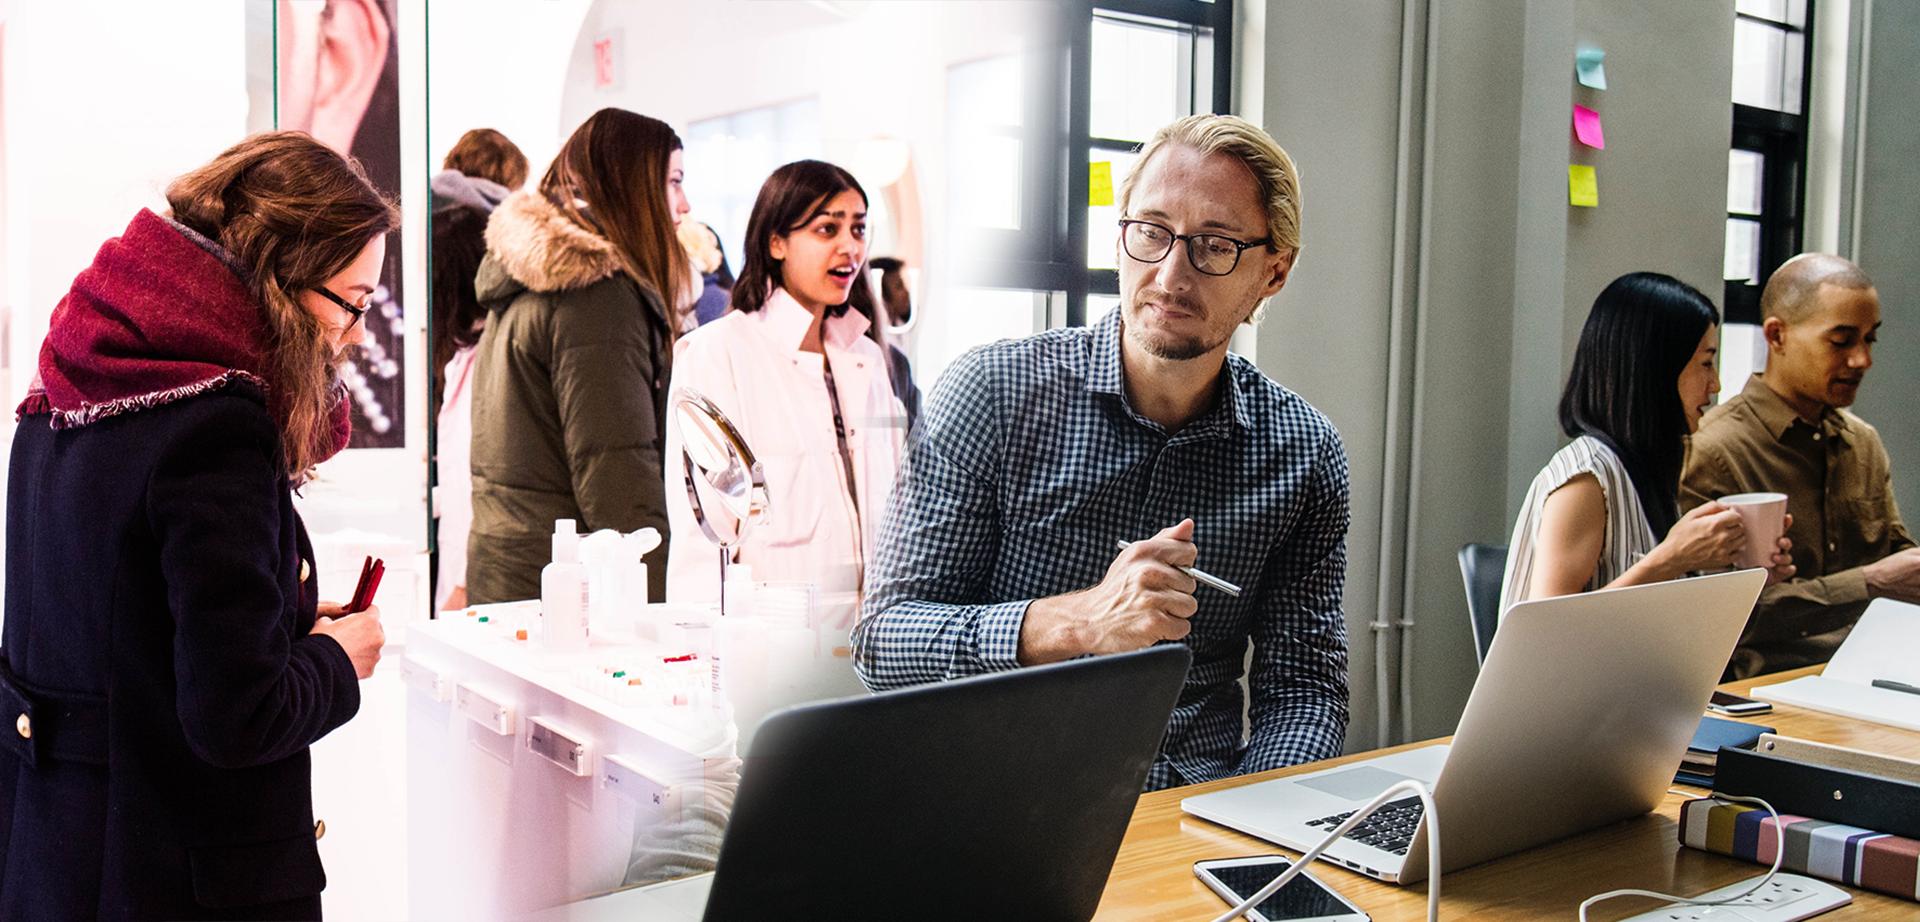 Beneficios laborales: 3 trucos para contarlos y mejorar tu employer branding